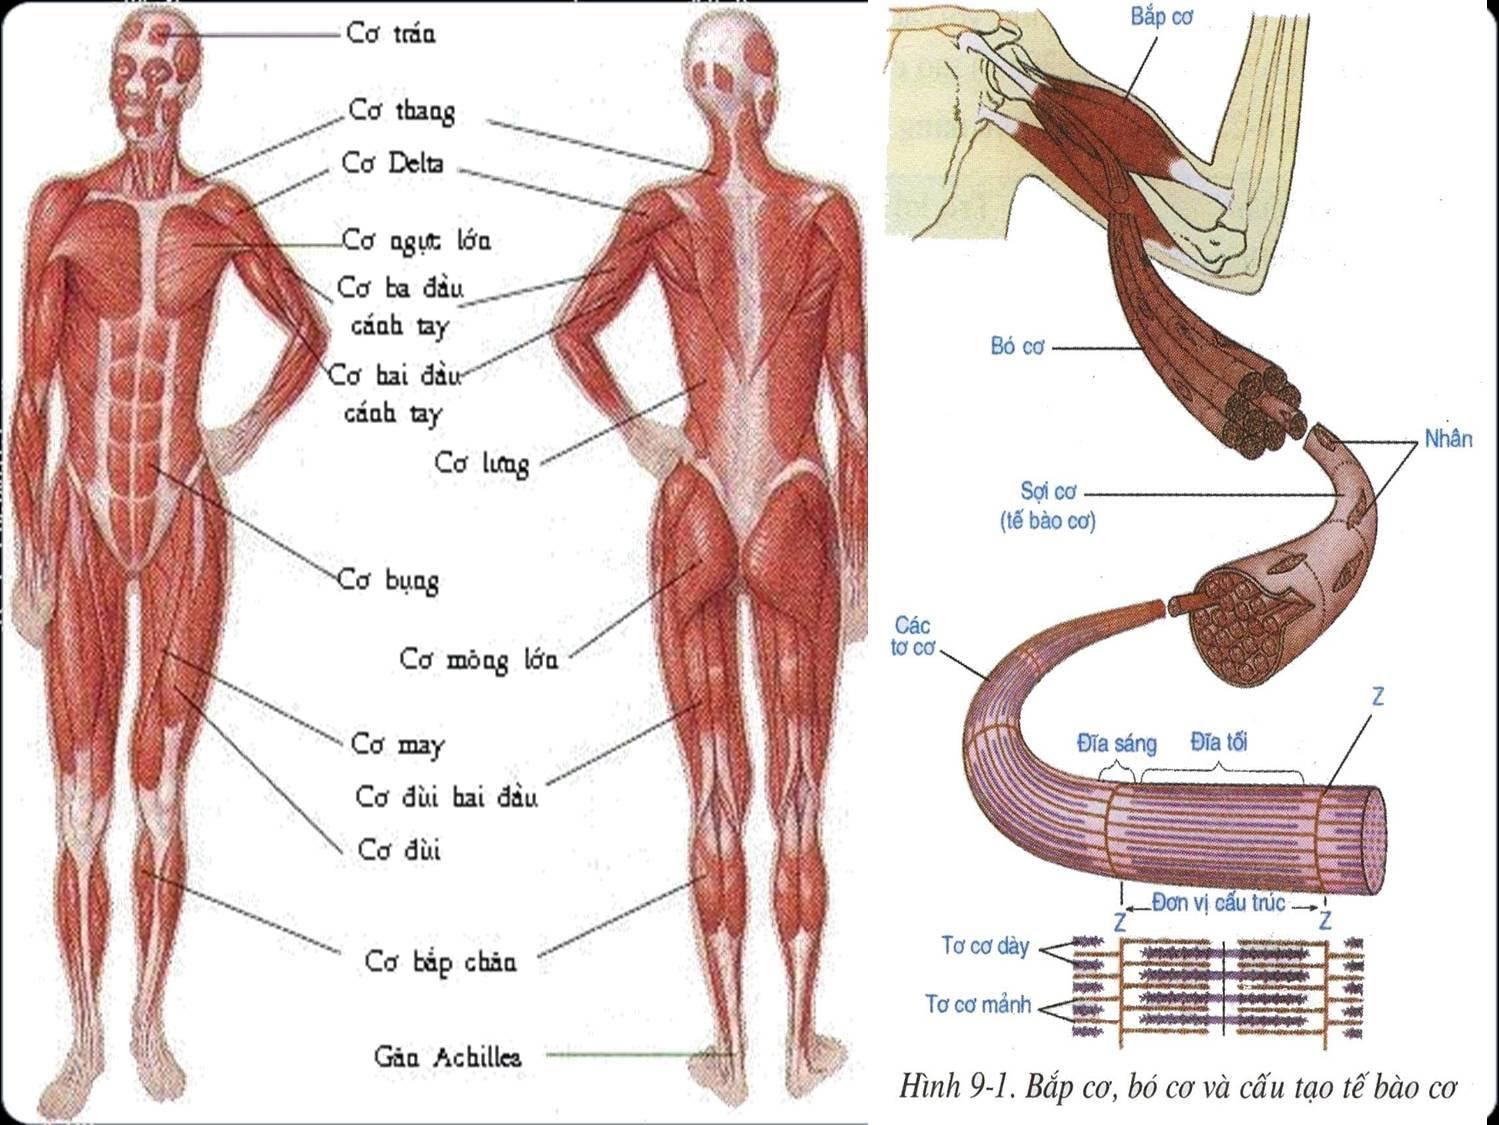 Hình 9.1 Bó cơ, Bắp cơ và cấu tạo tế bào